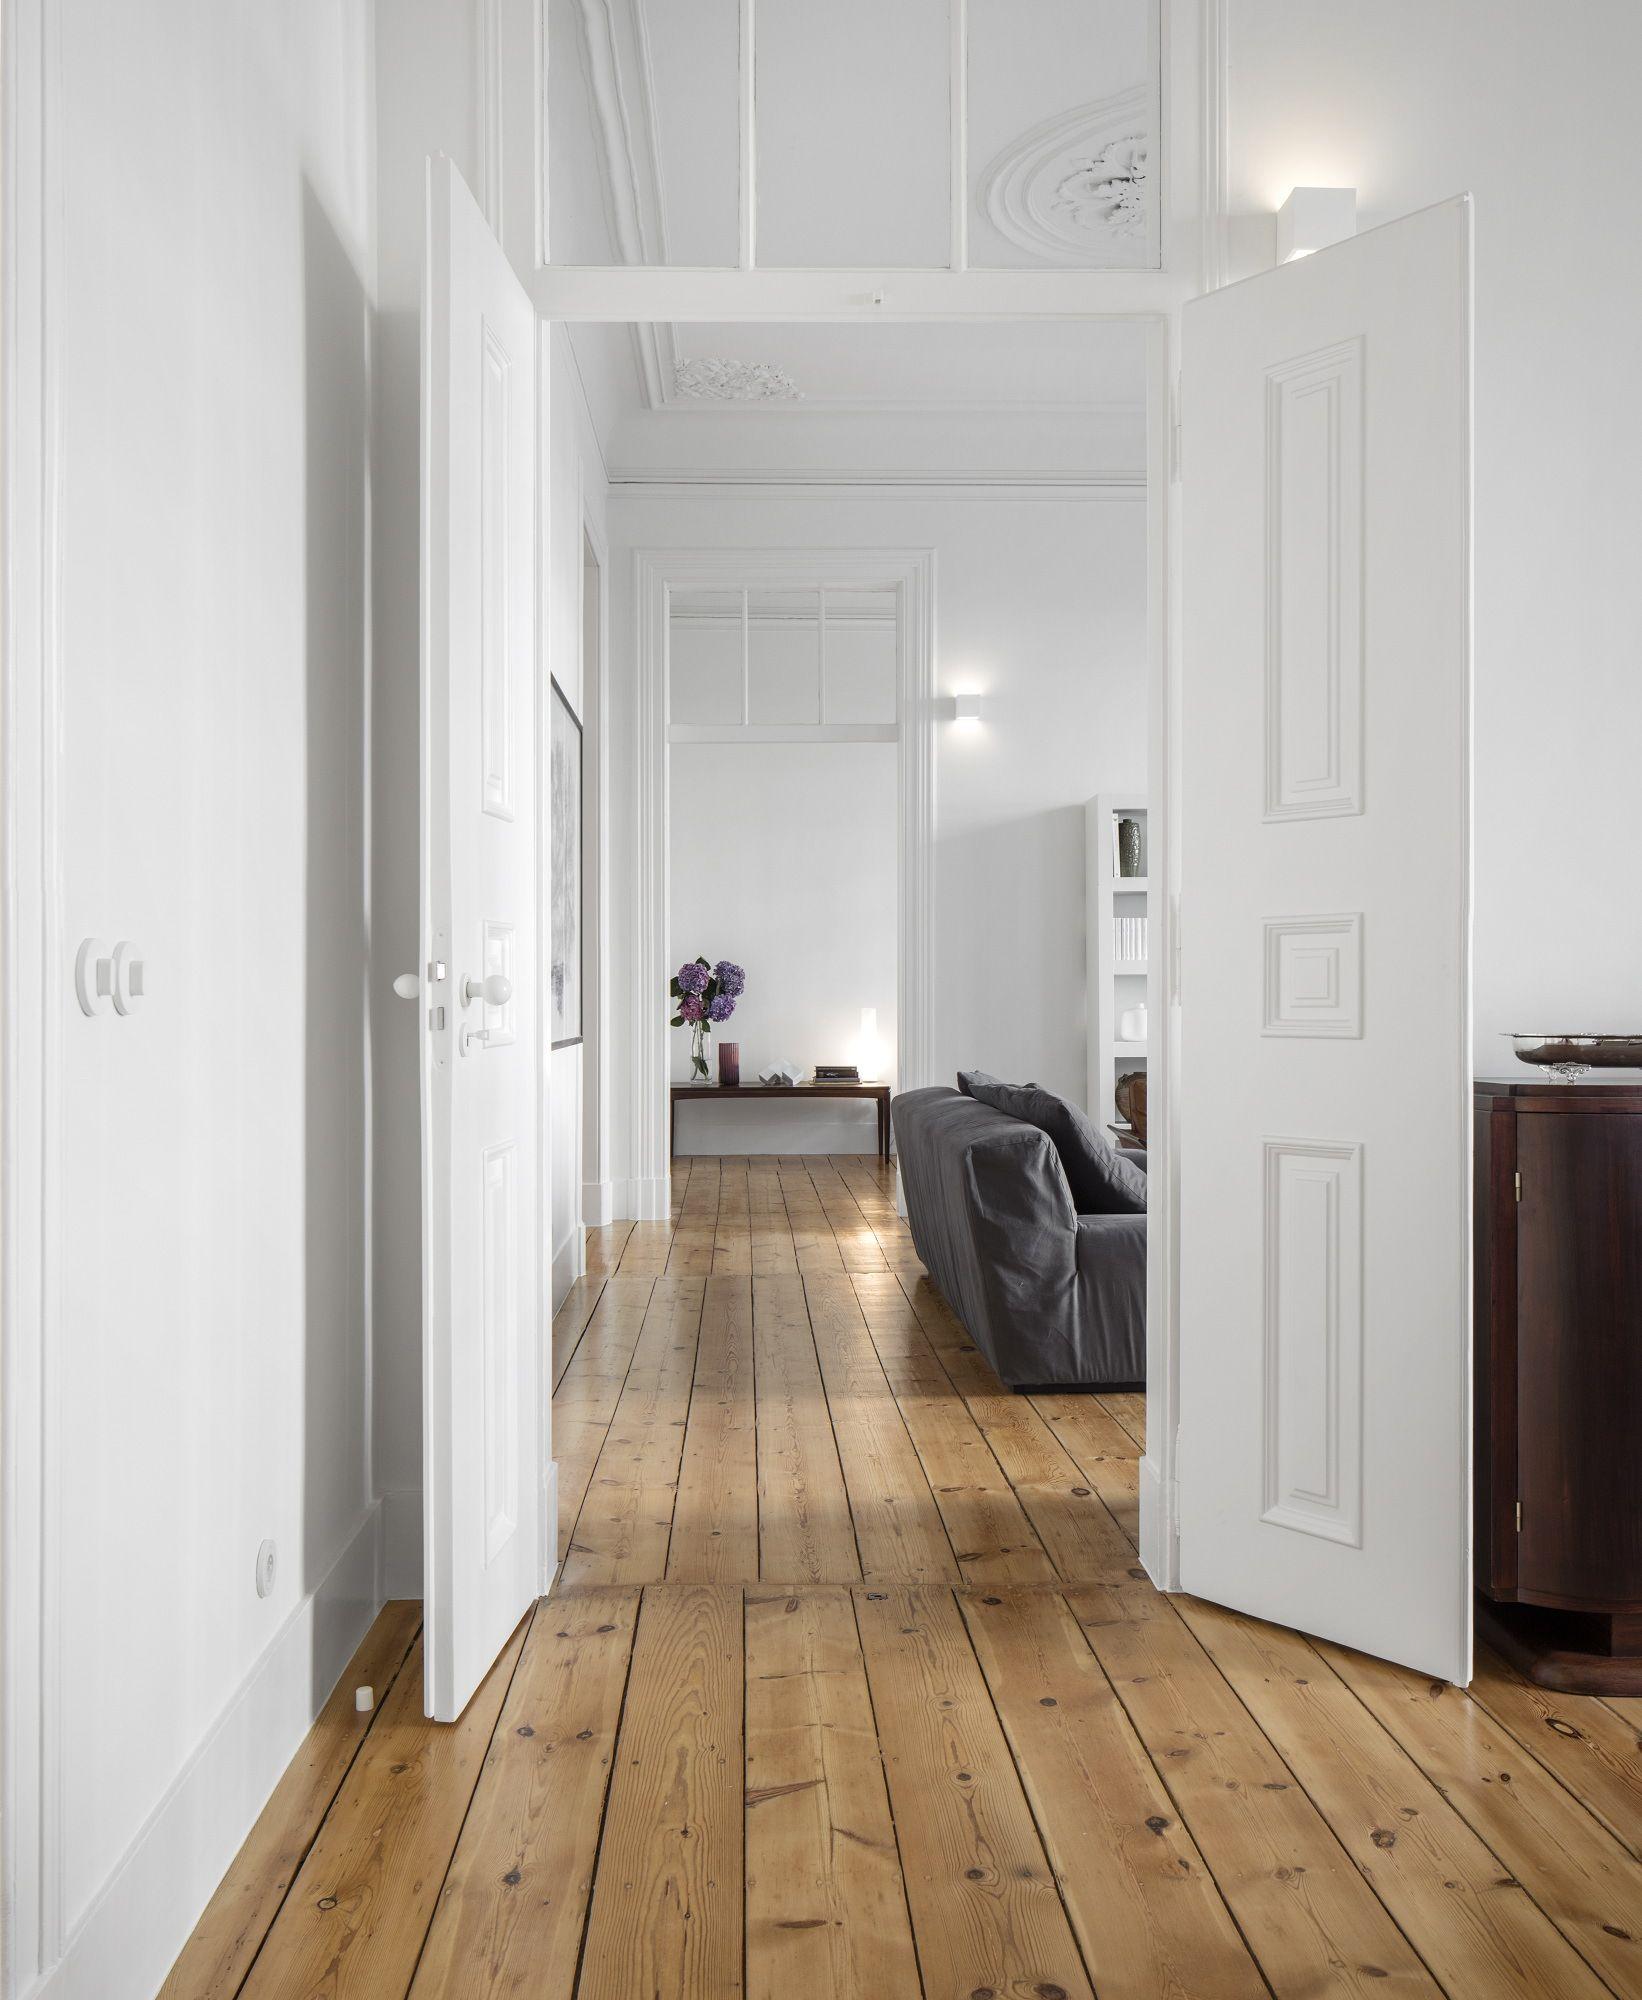 Uns zu hause innenarchitektur apartment nana  interior u garden  pinterest  haus wohnen und